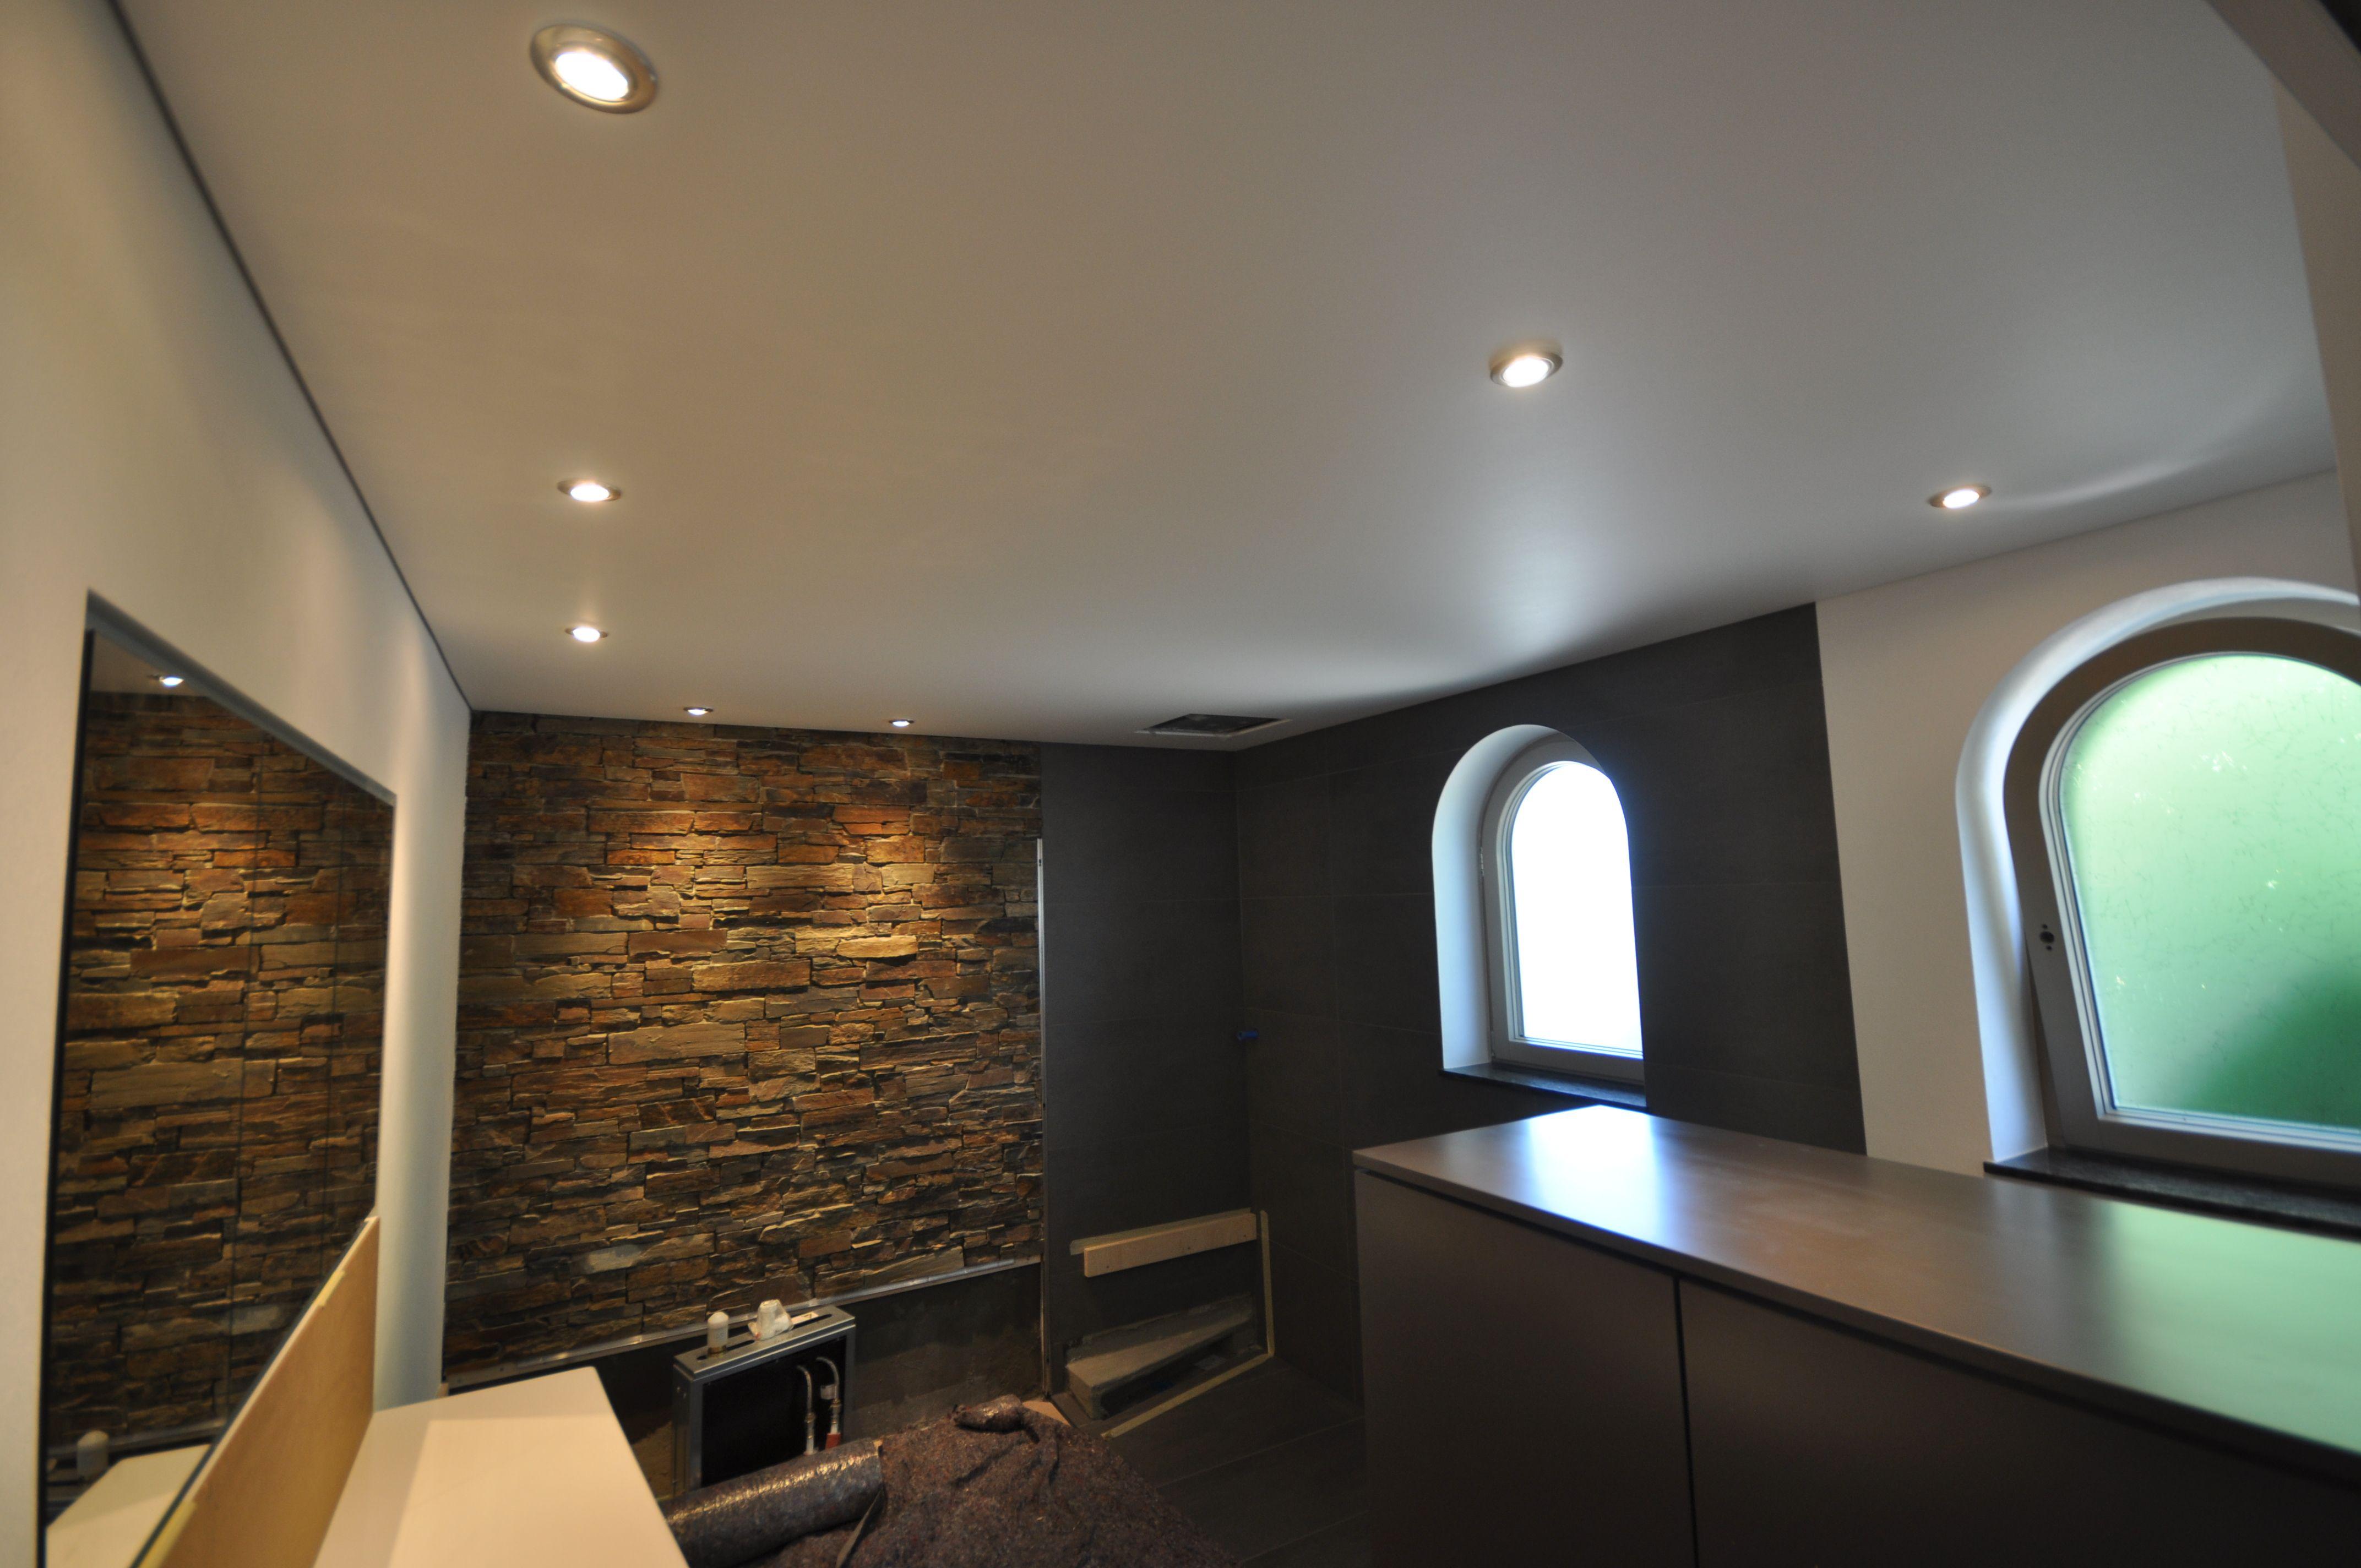 Wohnzimmer Renovieren ~ Spanndecke in schwarz hochglanz #bad#wc#decke#renovieren#fliesen